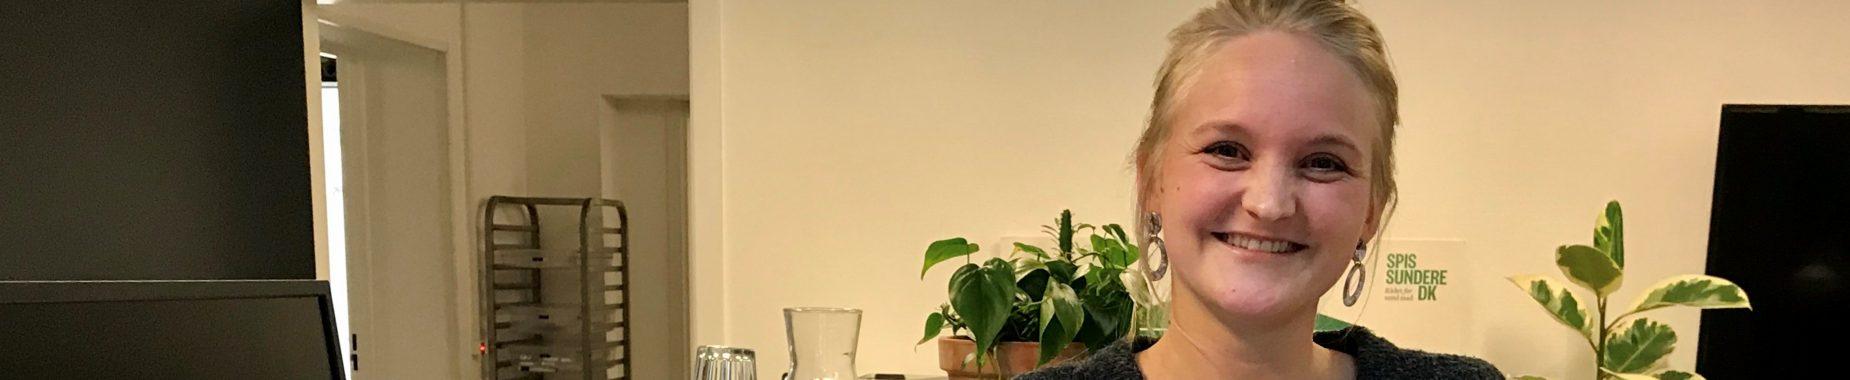 Hanna Munch skal udarbejde en vidensplatform for Rådet for sund mad